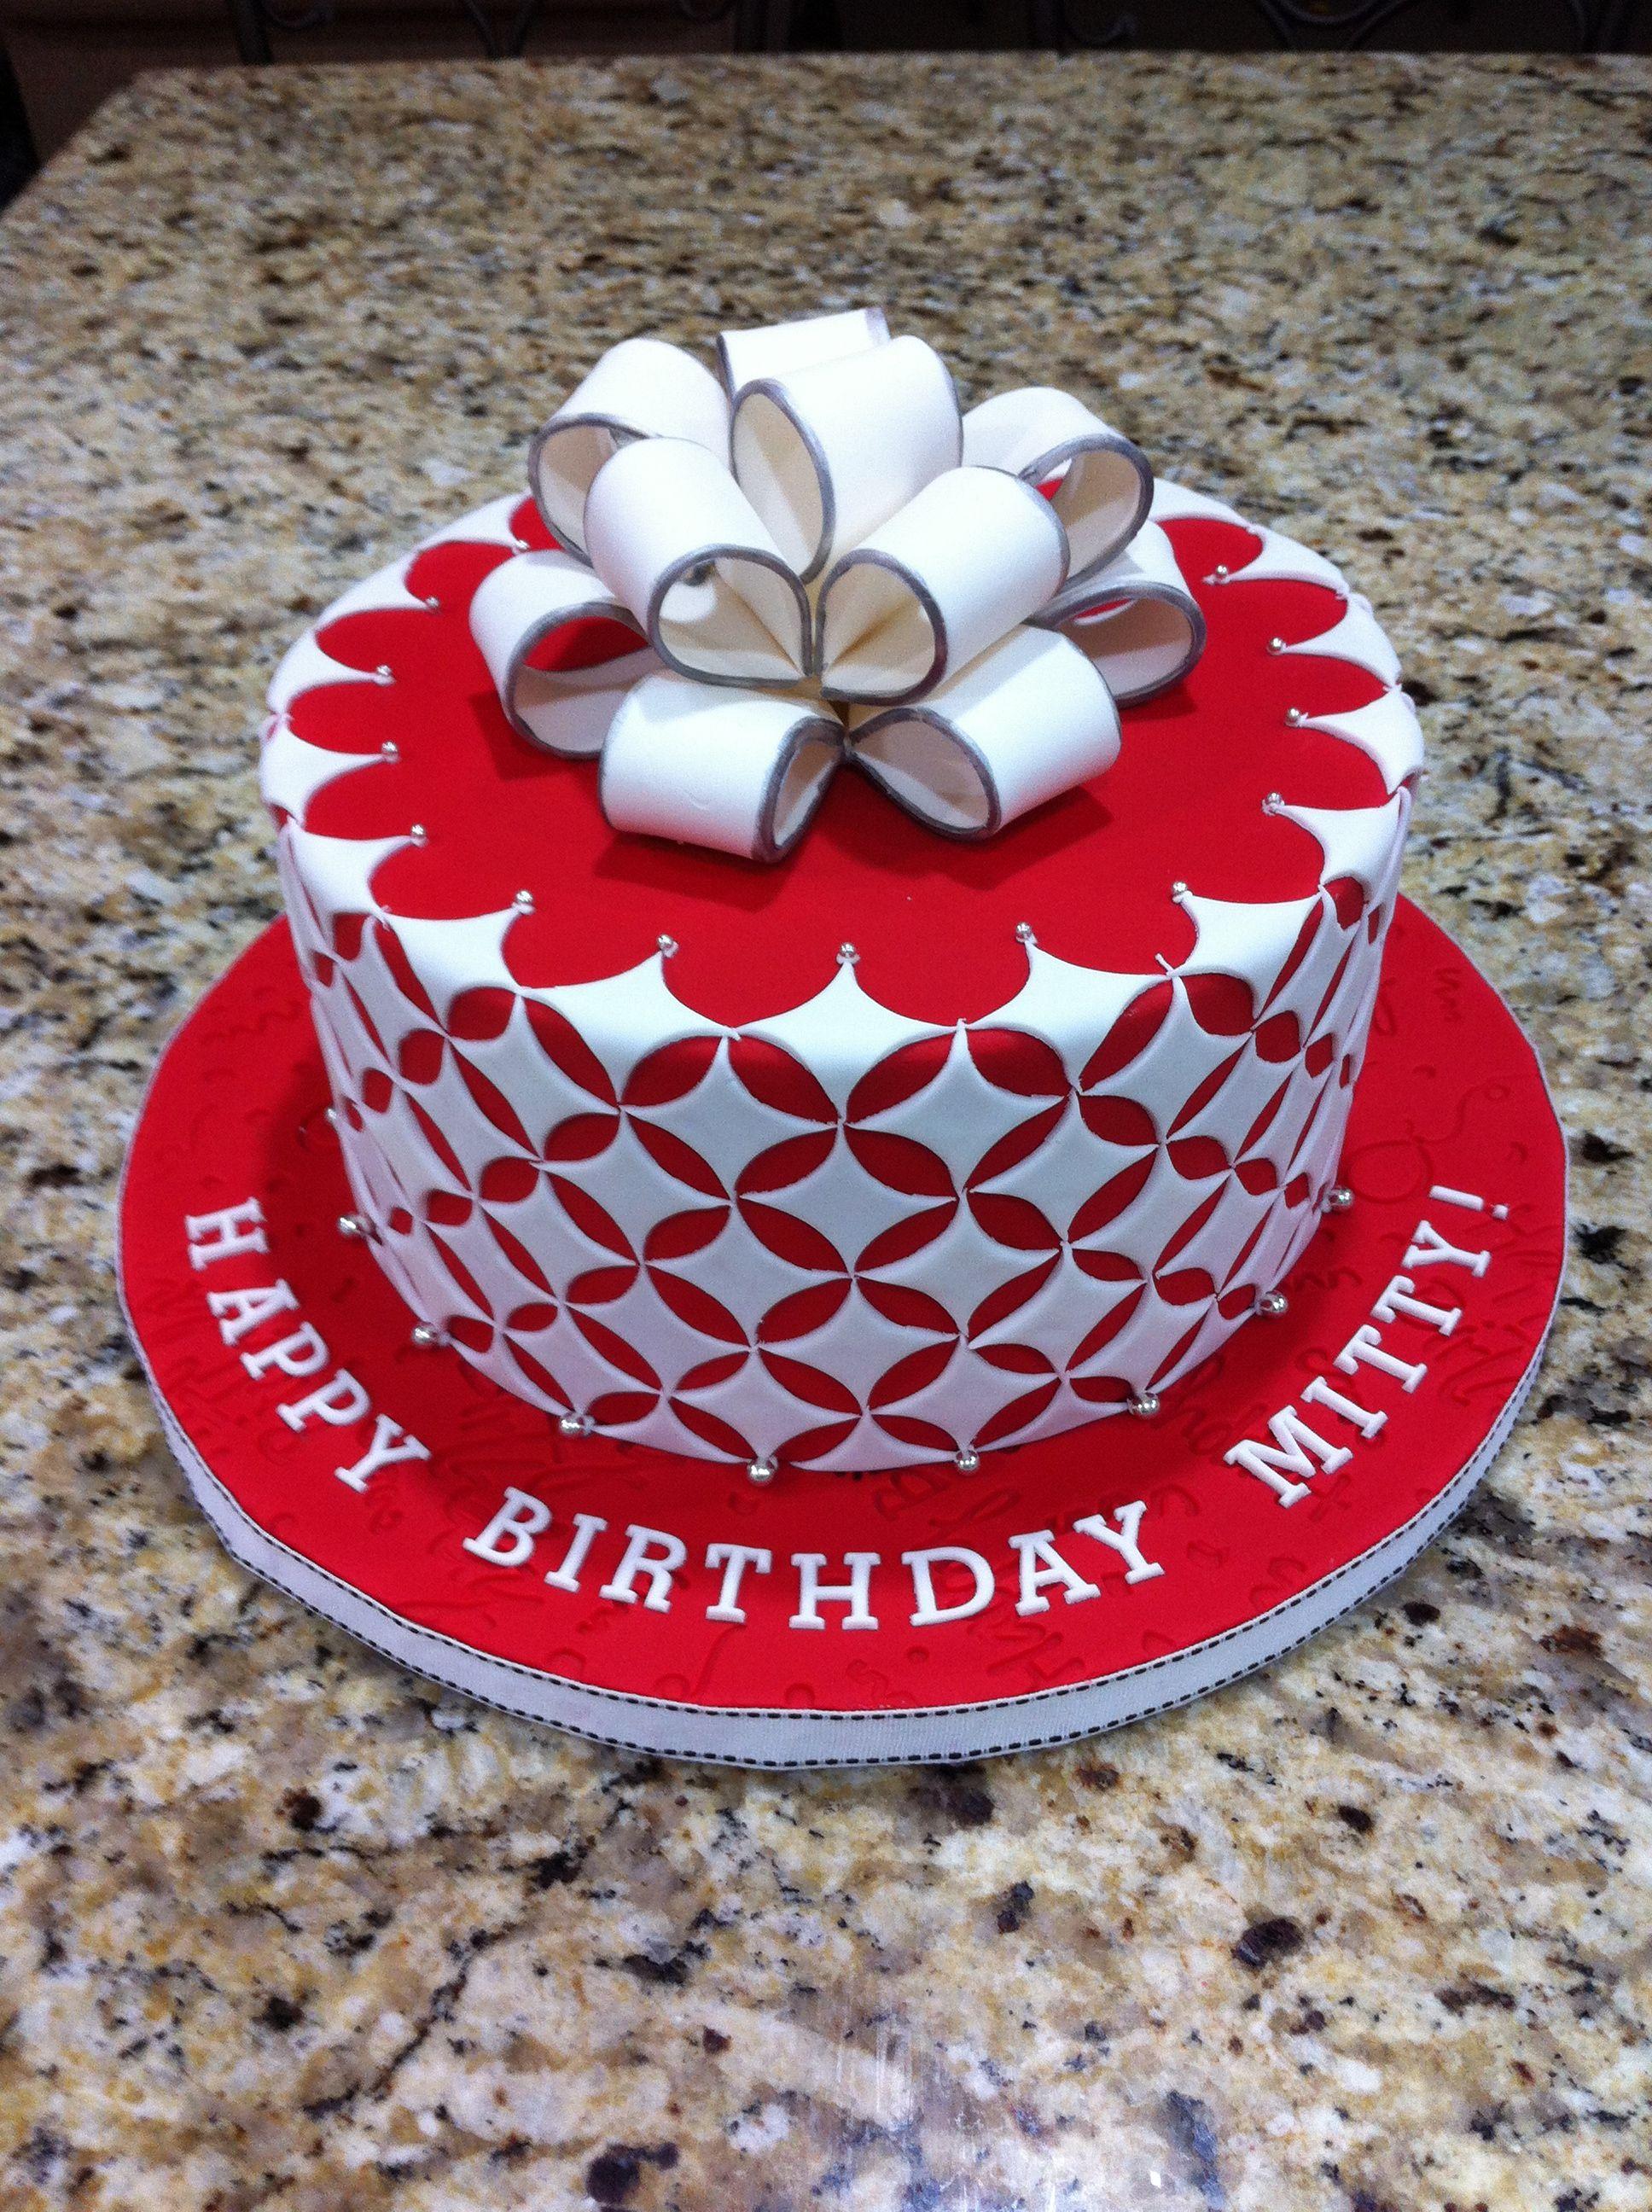 Red and White Ribbon Cake   Cake decorating, Ribbon cake, Cake